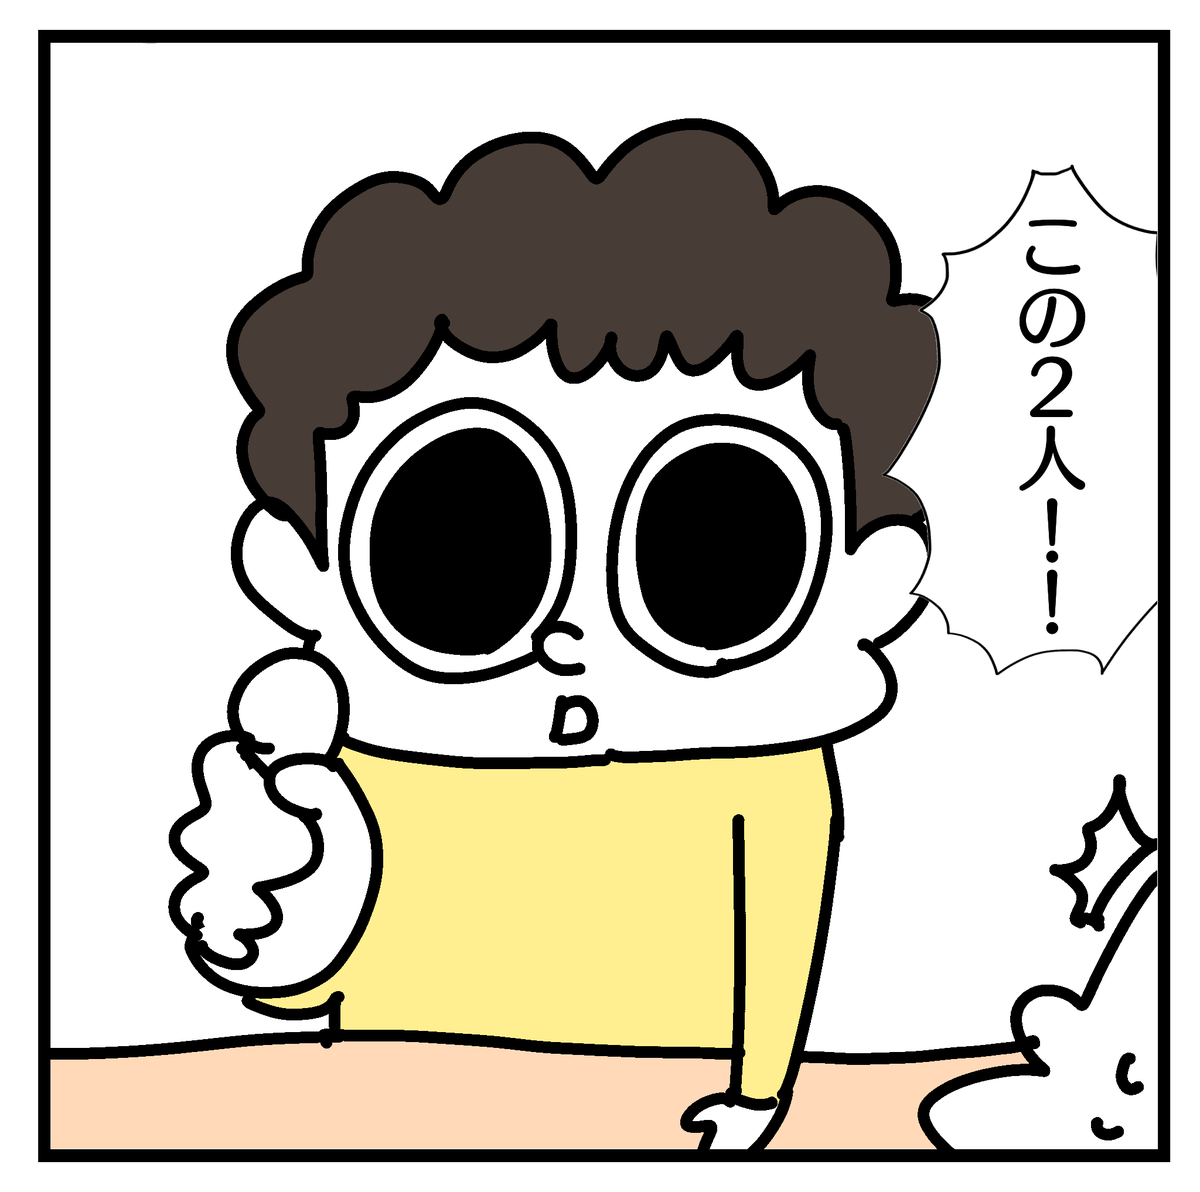 f:id:YuruFuwaTa:20200612115628p:plain